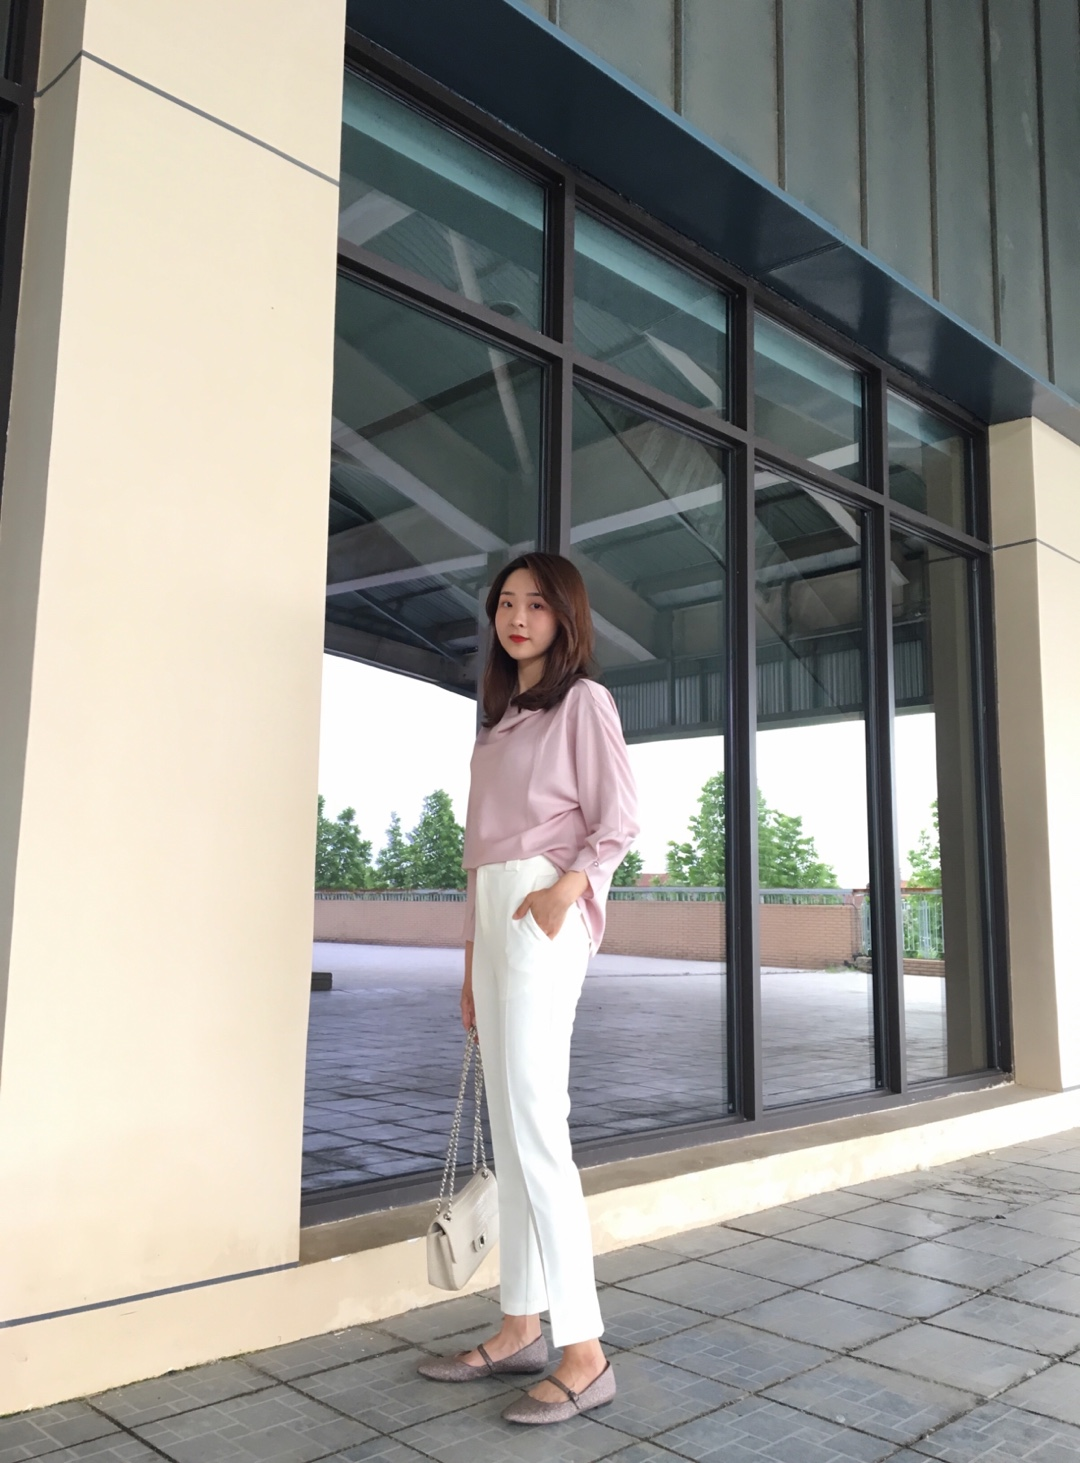 #干货!面试官的好感穿搭# 今日女白领(假的)~ 这个月要去面试教师资格证啦!😢买了这件上衣,是比较成熟的款式 但是因为它是粉粉的,也适合我这种少女啦! 下身穿一条很好搭的白色直筒裤,简约大气,面试老师看在我认真穿搭的份上可以让我通过嘛🤪🤪